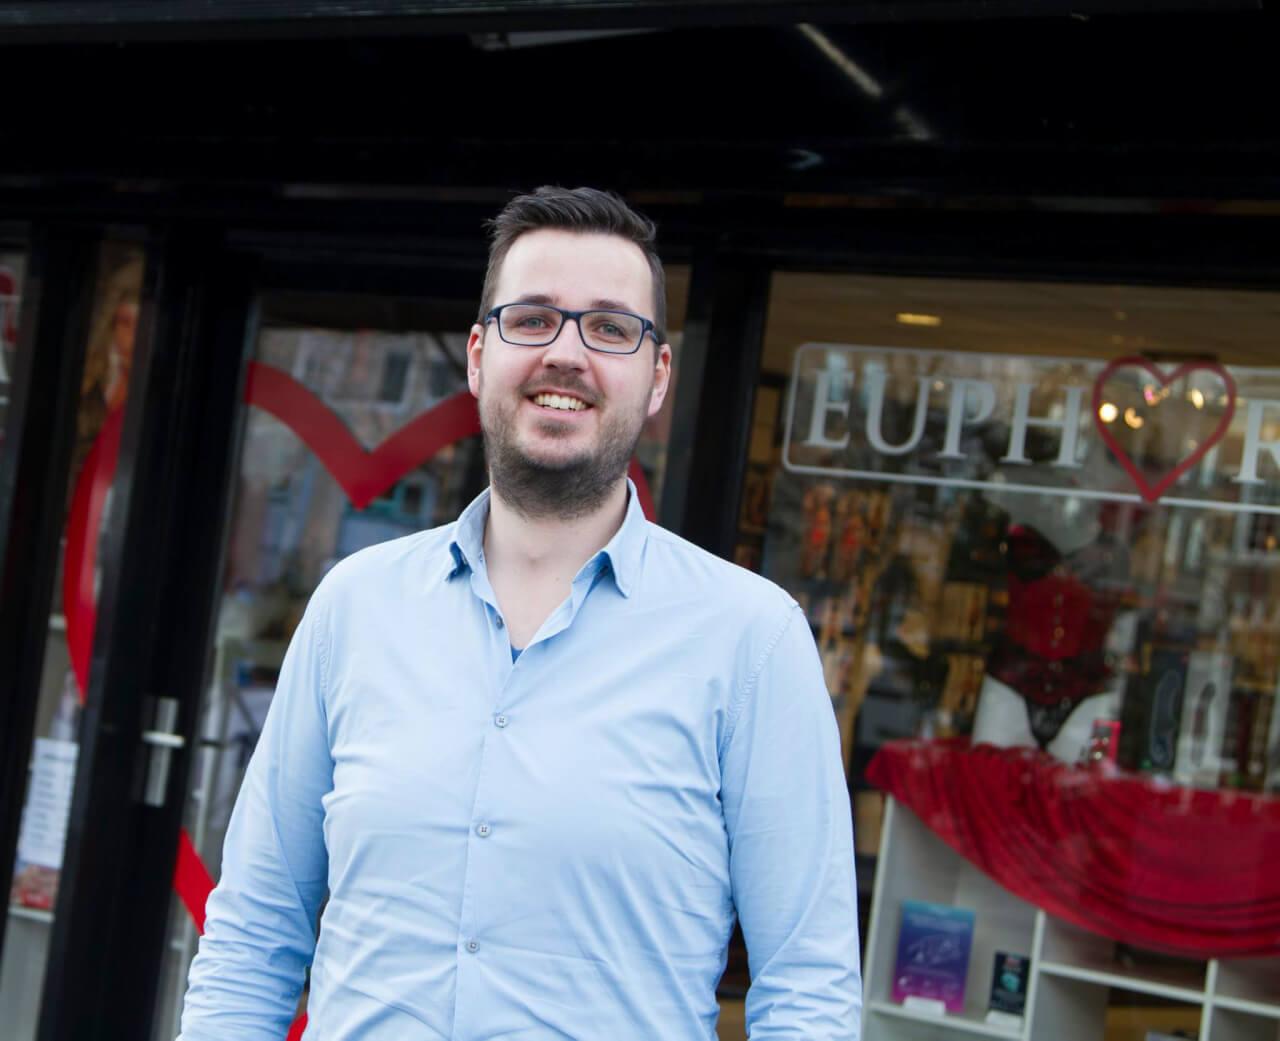 Ondernemer Mark Muller van Euphoria Erotiek Heerenveen Leeuwarden